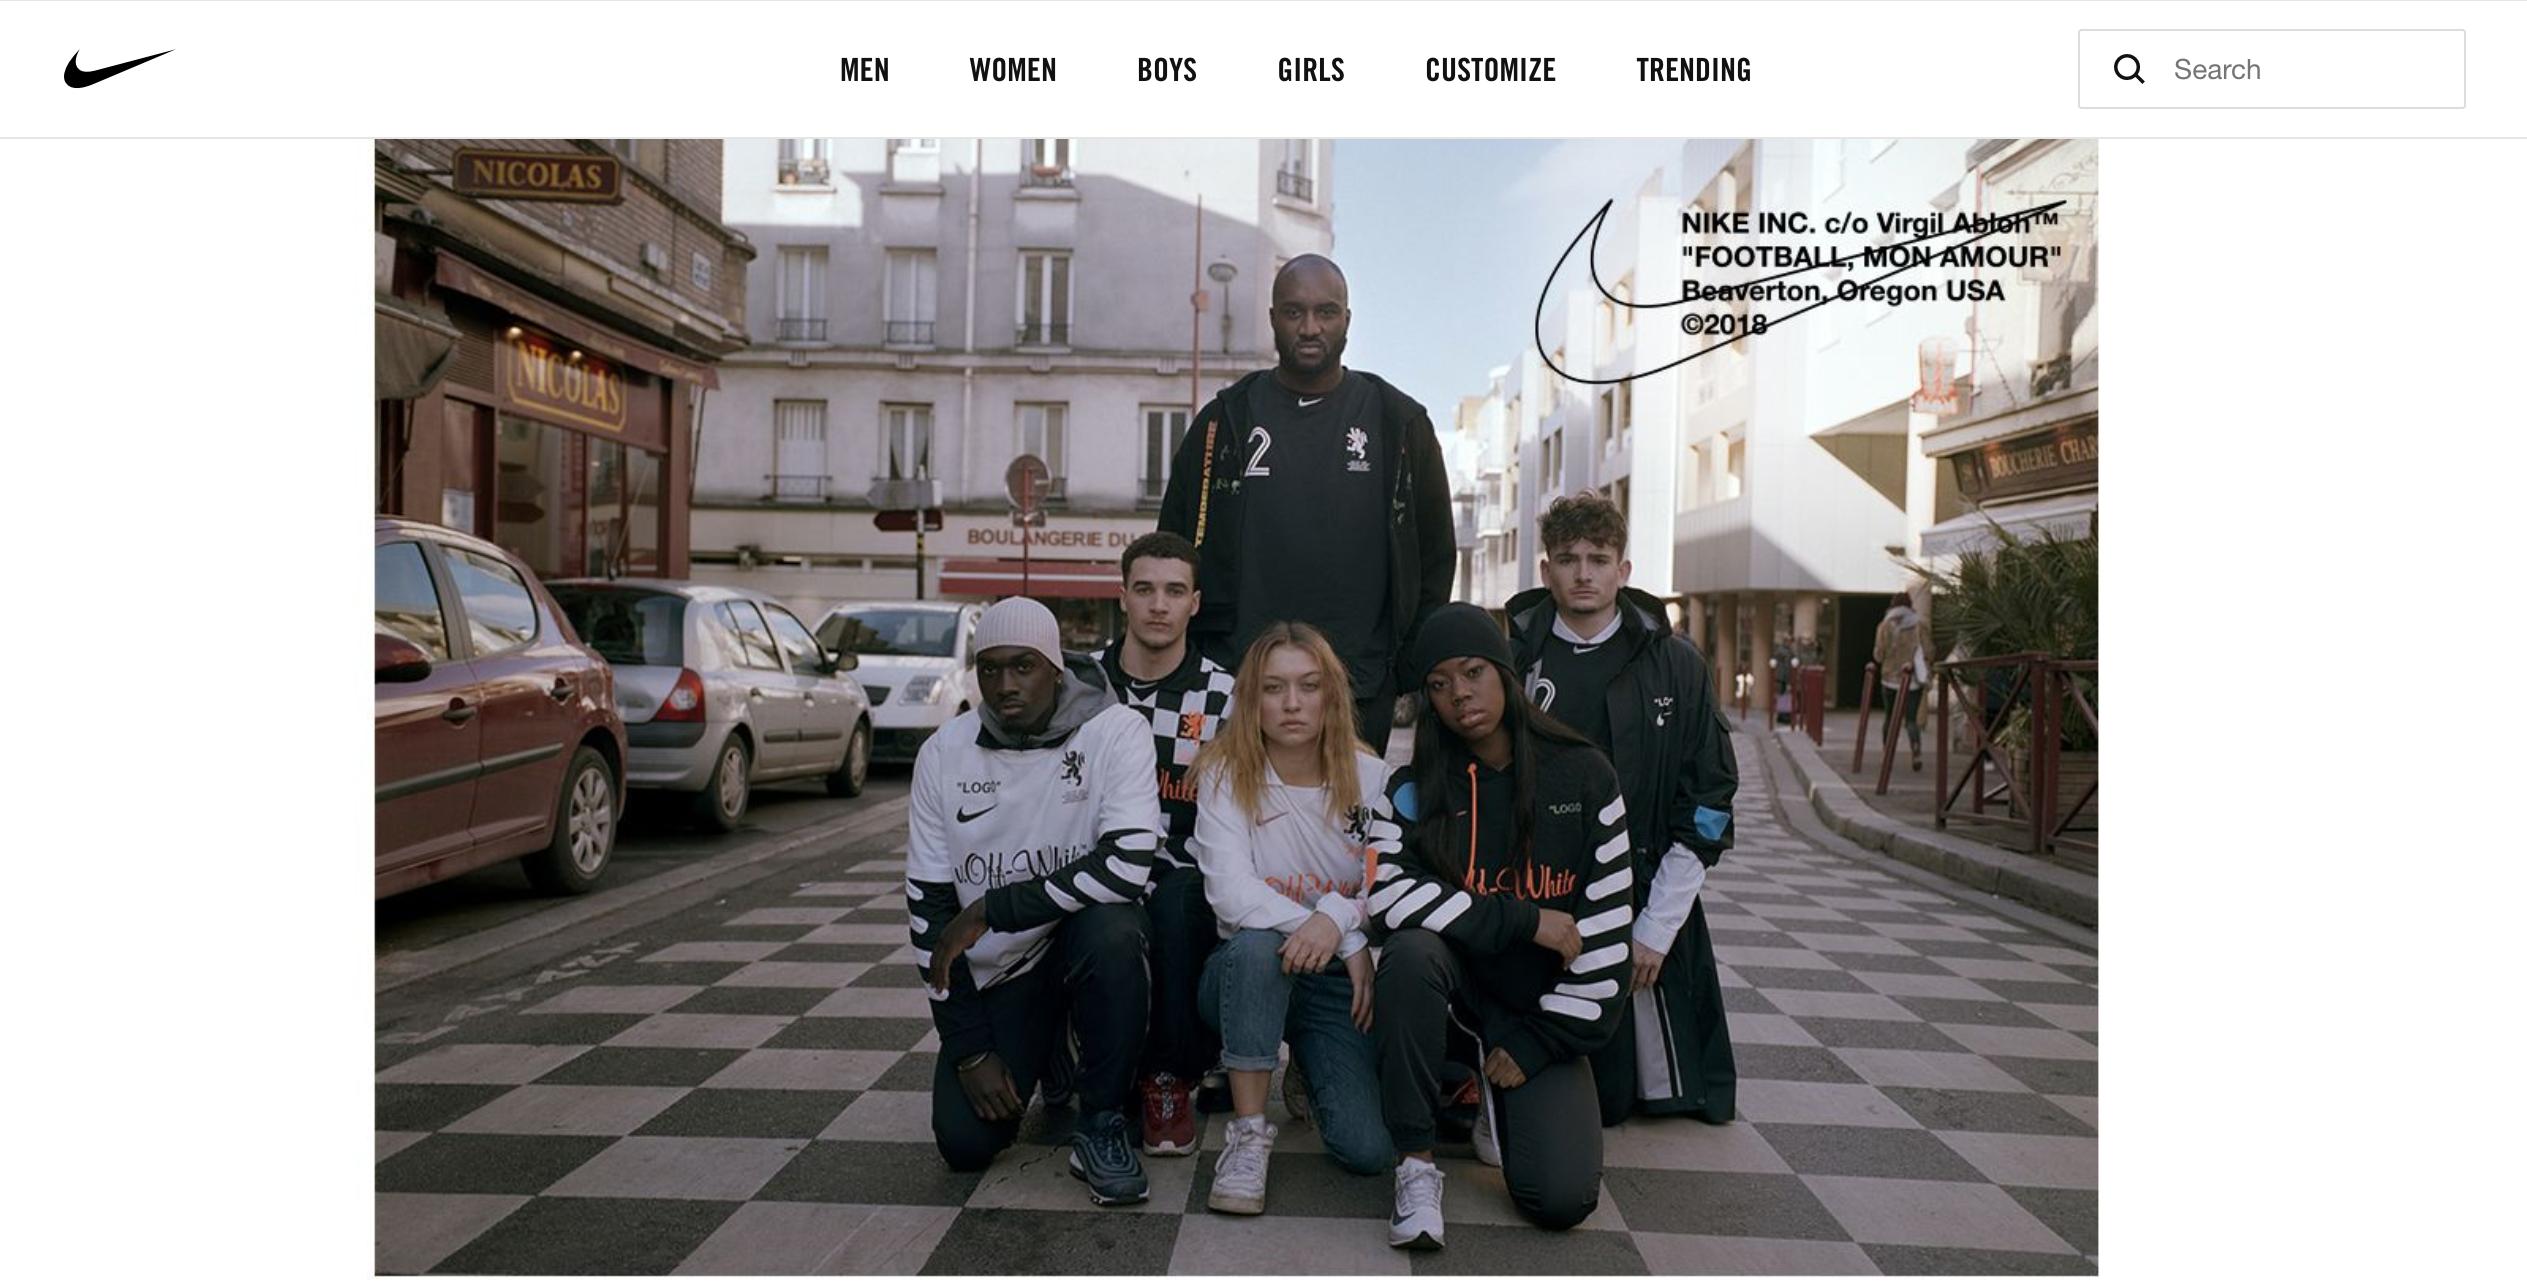 世界杯前夕,Nike 联手LV和Dior的男装创意总监Virgil Abloh、Kim Jones推出足球主题系列产品